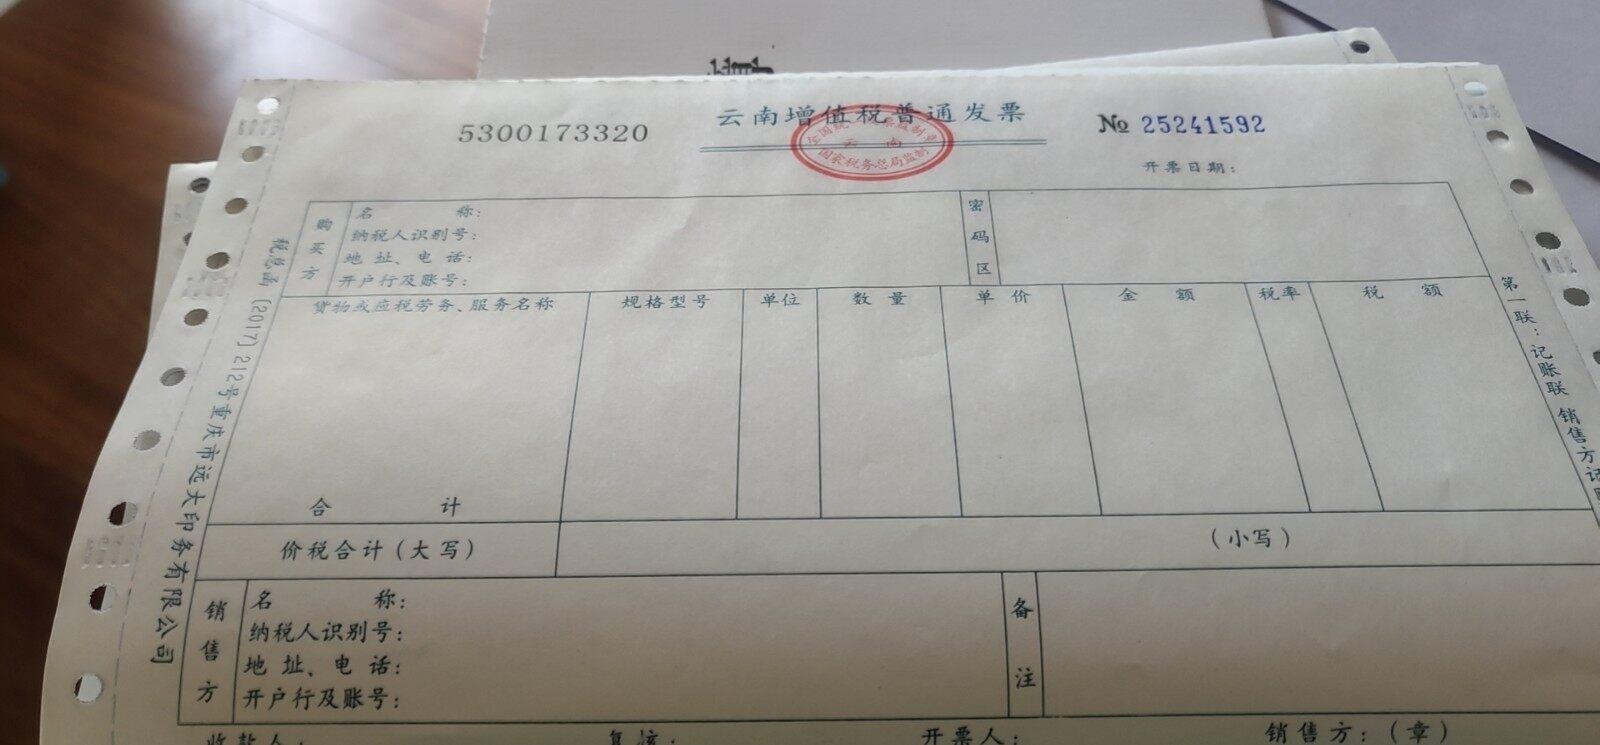 激光打印机打印电子发票